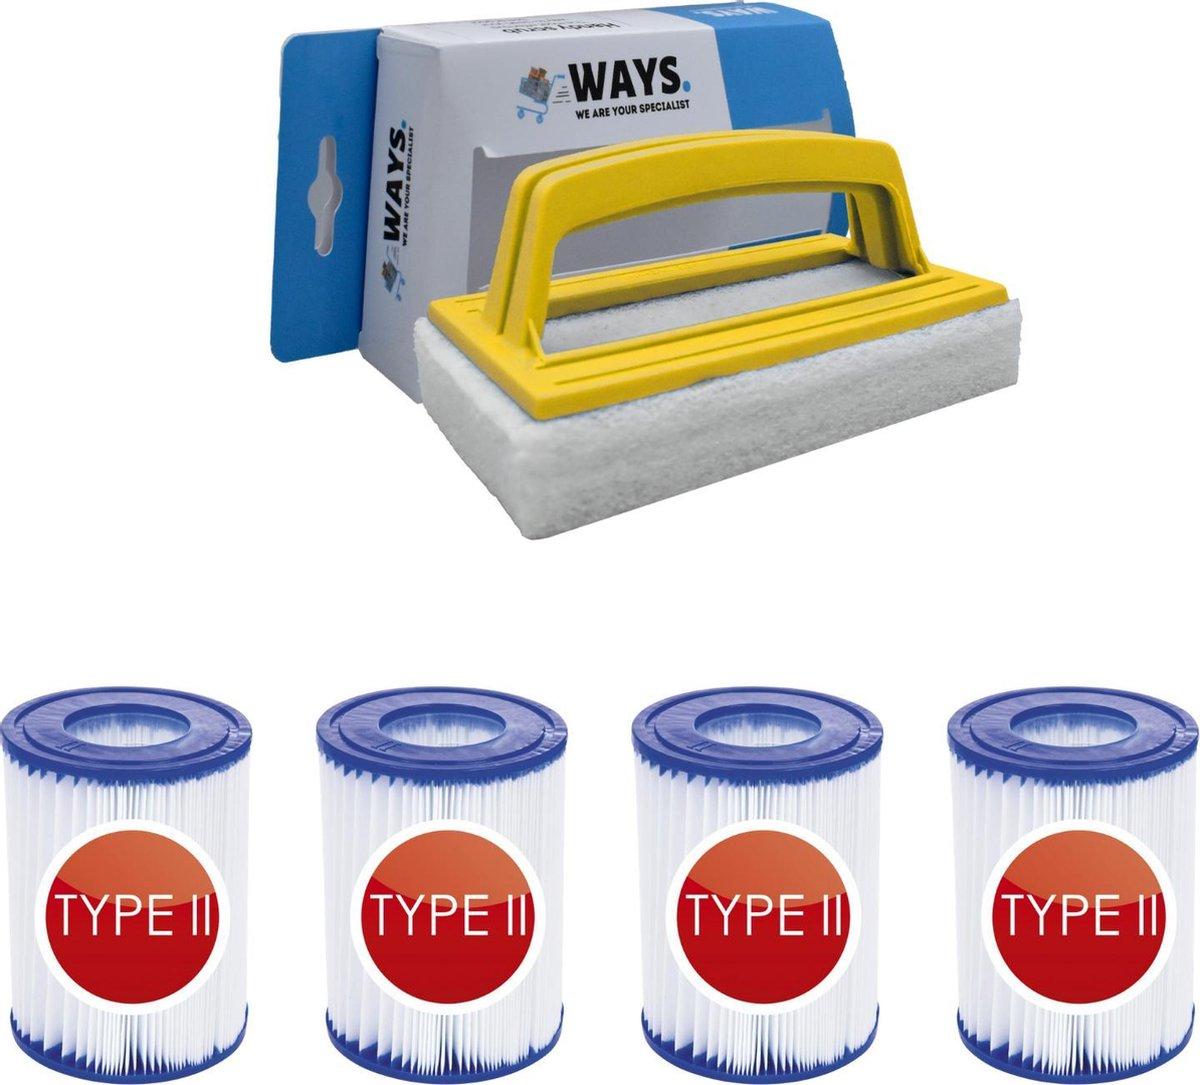 Bestway - Type II filters geschikt voor filterpomp 58383 - 4 stuks & WAYS scrubborstel